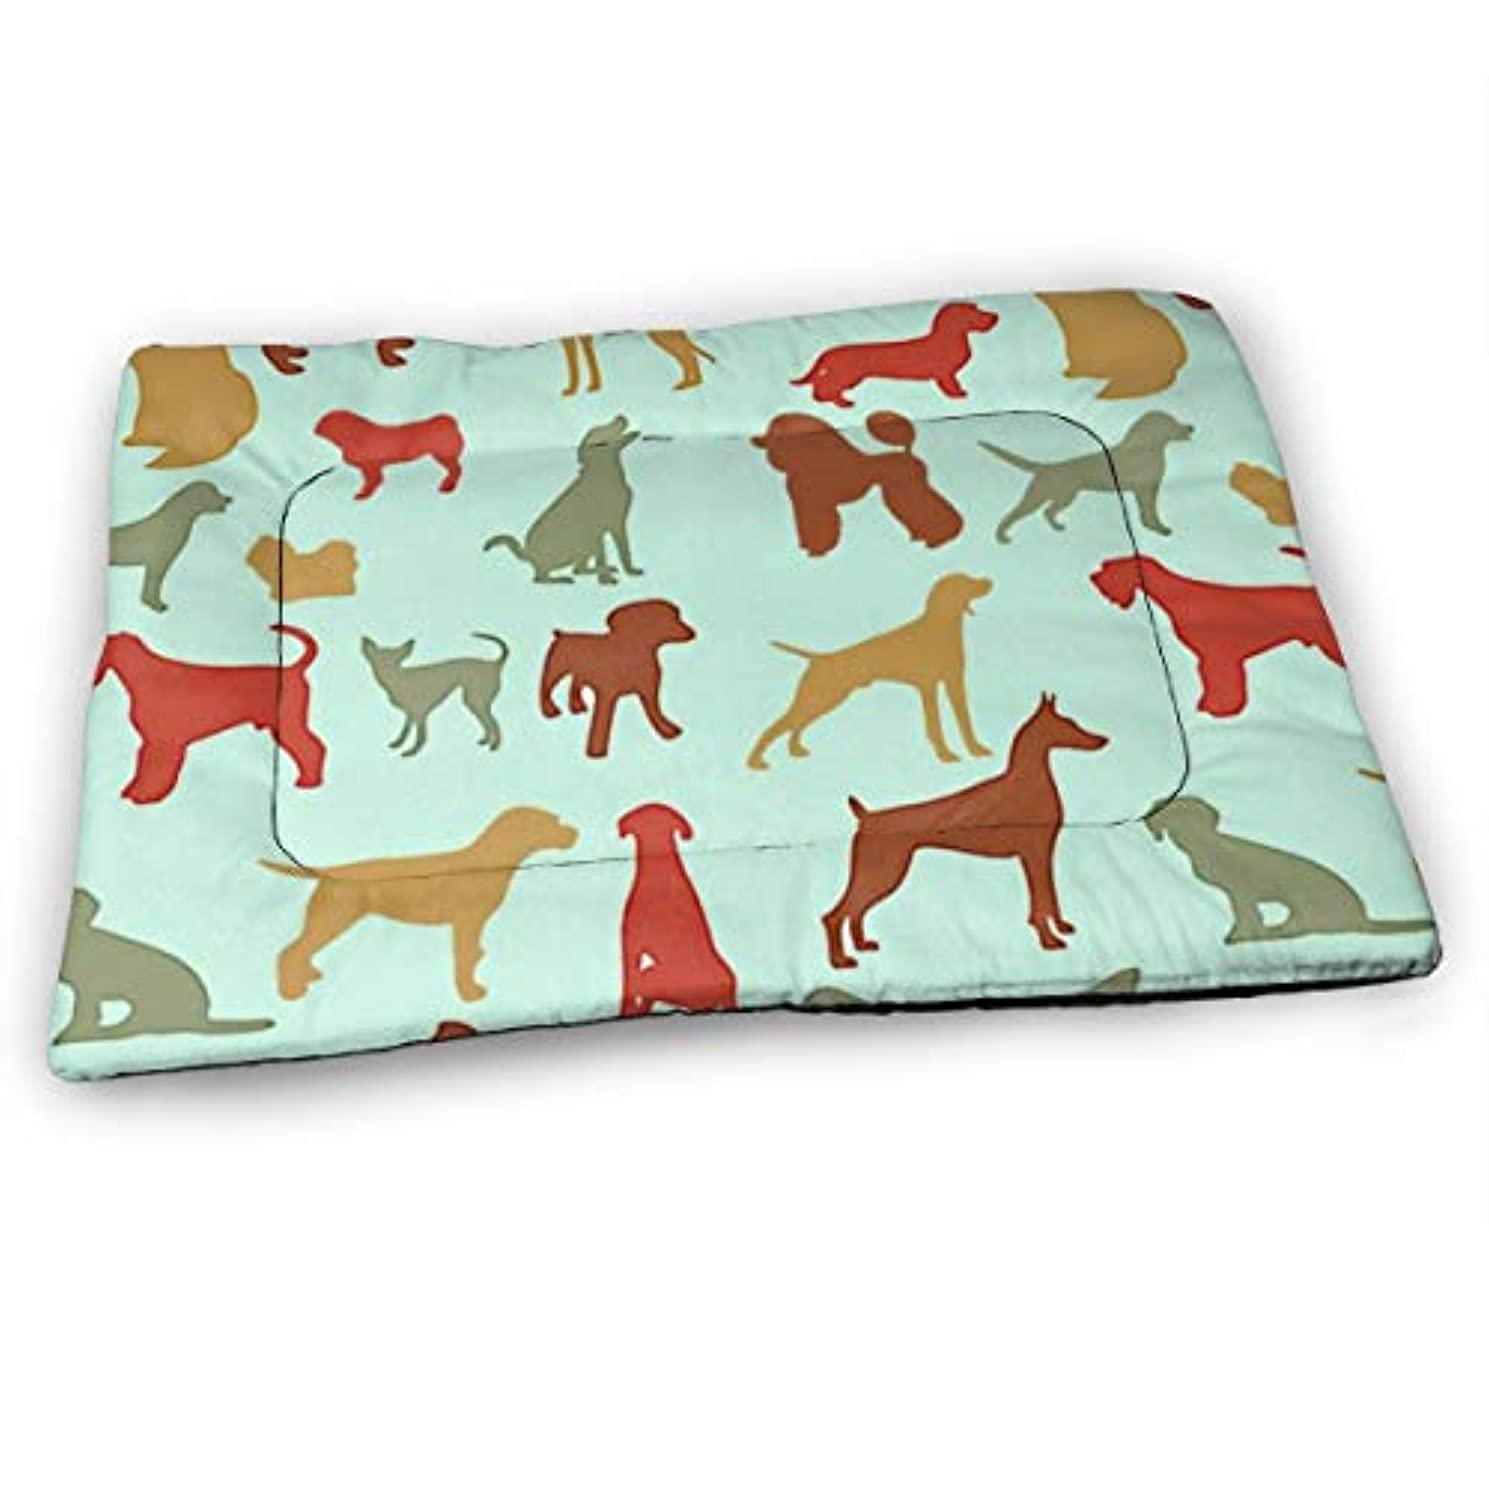 練習是正真実にペットベッド ペットマット 犬のシルエット ペットカーペット ペットシーツ ペットクッション 中型 犬 猫 ベッド 防水 速乾 消臭 滑り止め ふわふわ 暖かい ペットハウス 清掃しやすい 睡眠マット 通年使える